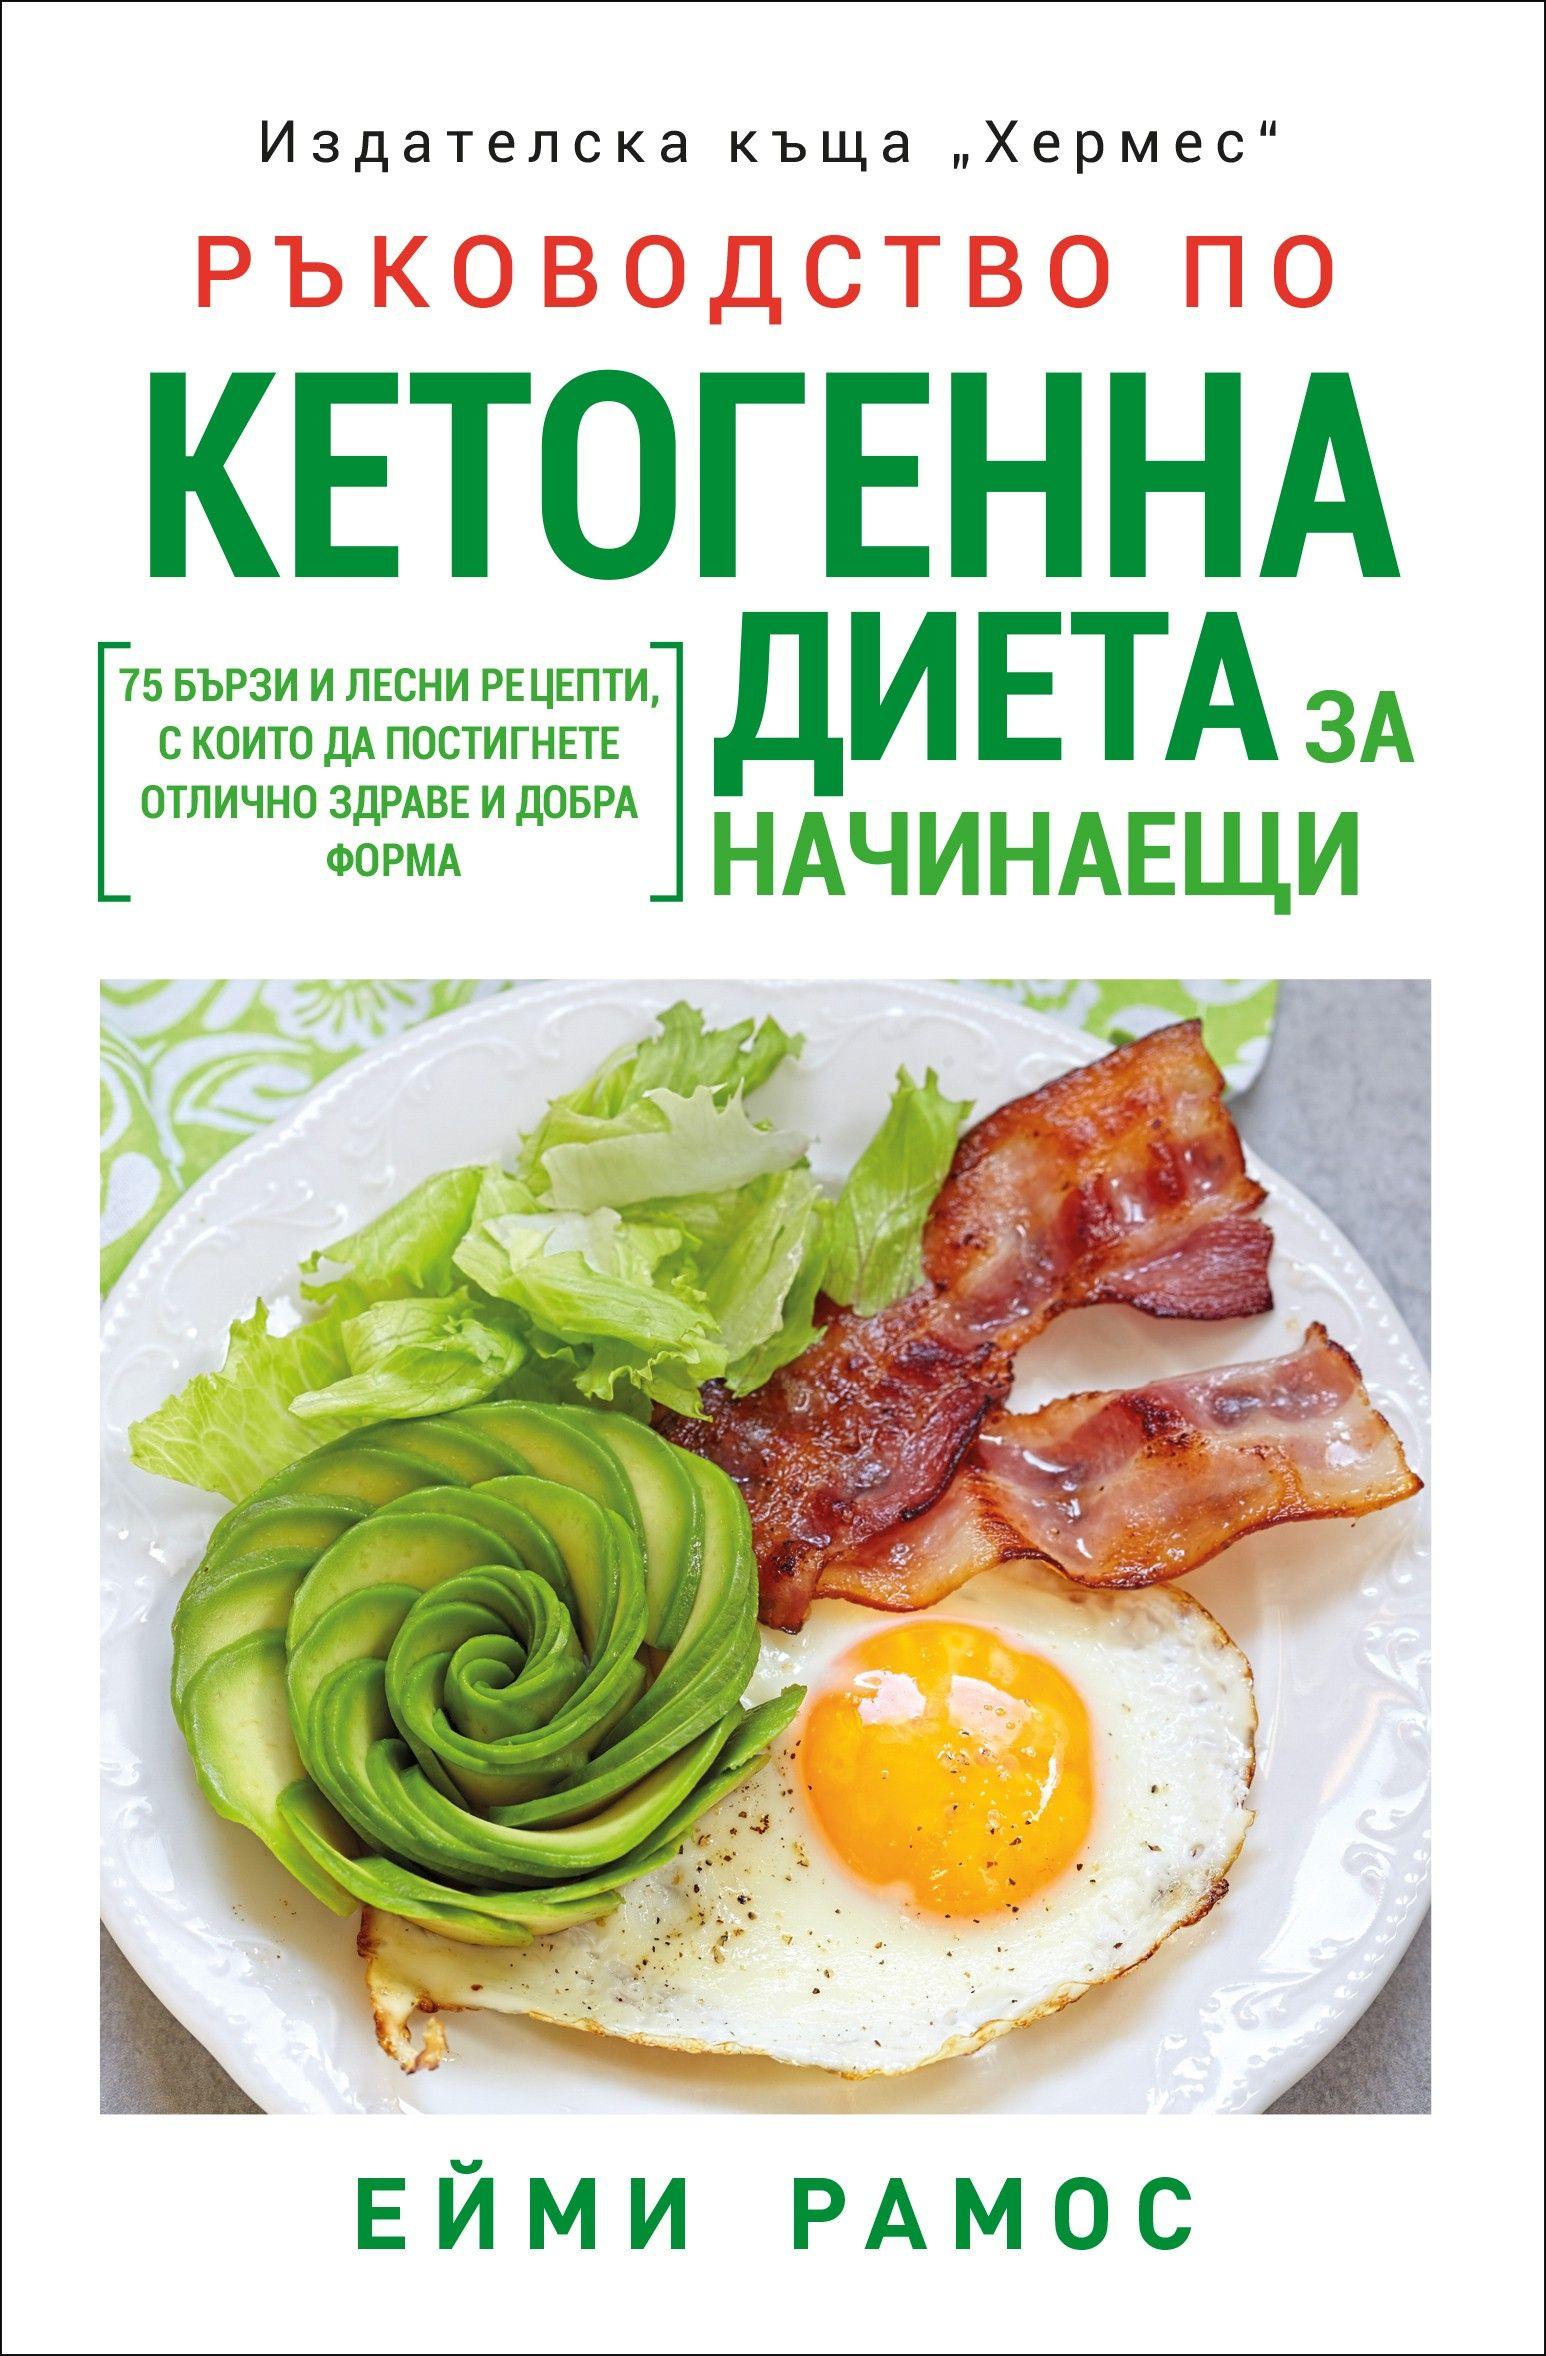 Ръководство по кетогенна диета за начинаещи - 1